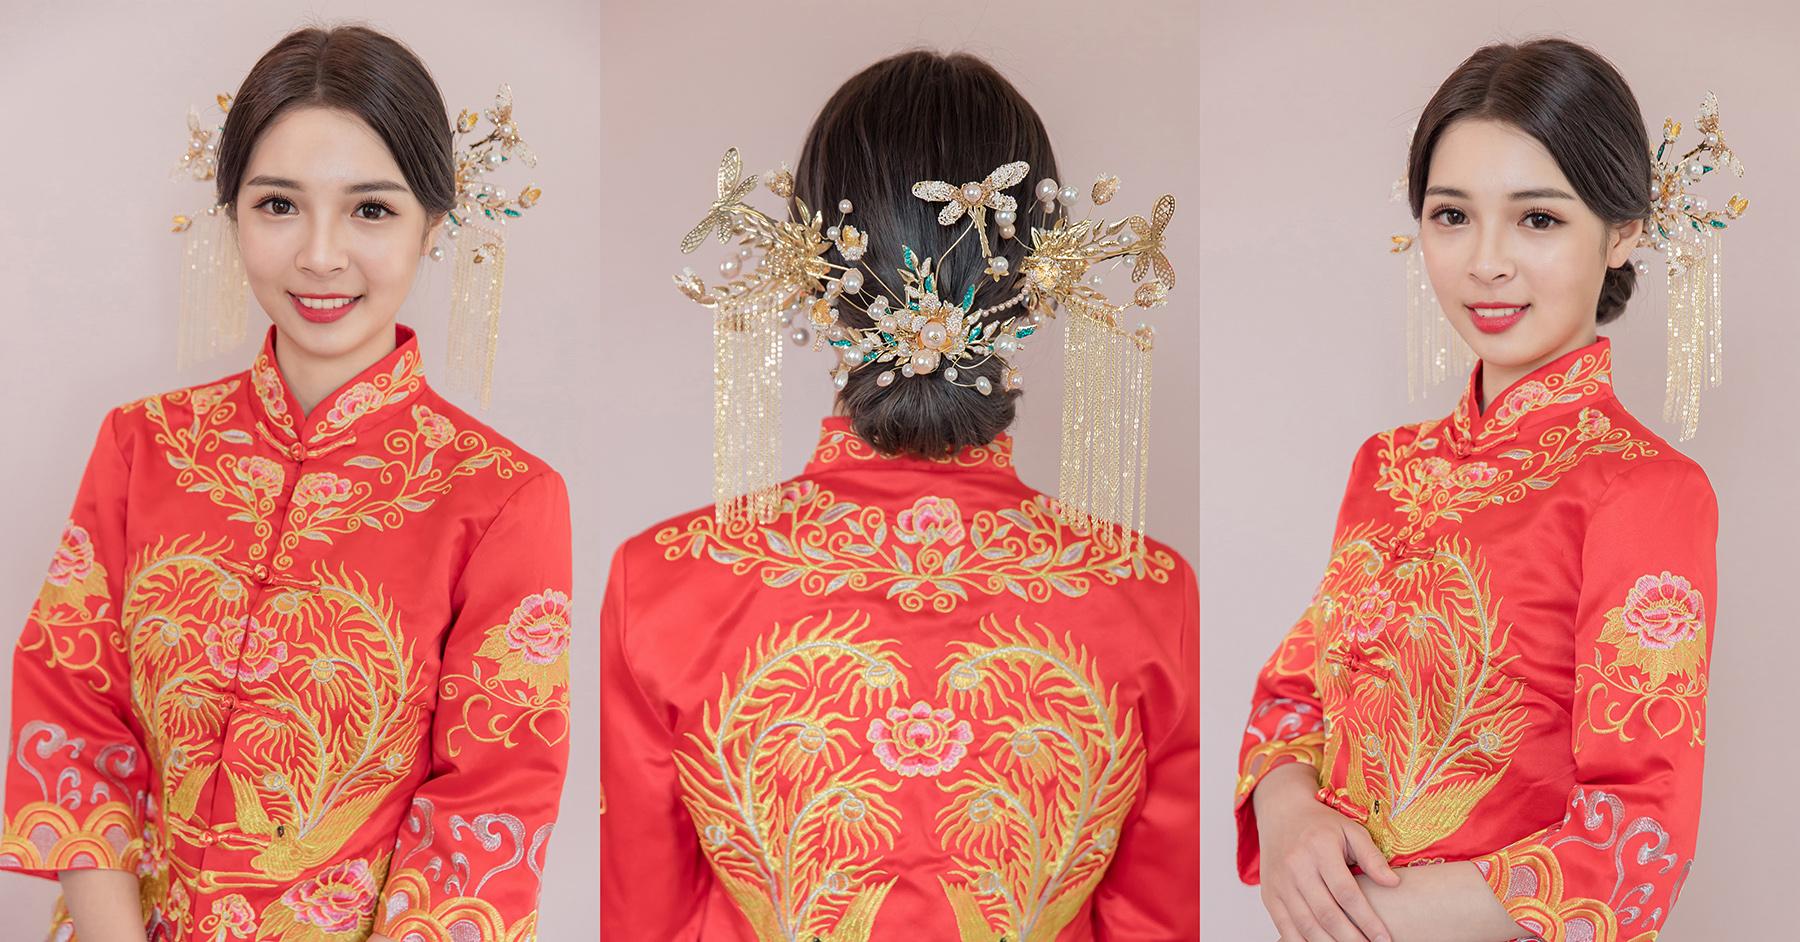 新娘造型,新娘髮型,盤髮造型,高雄新秘, 秀禾服造型,褂頭, 秀禾服,中式造型, 秀禾服髮型, 短髮造型, 新秘Yuki|新娘妝容